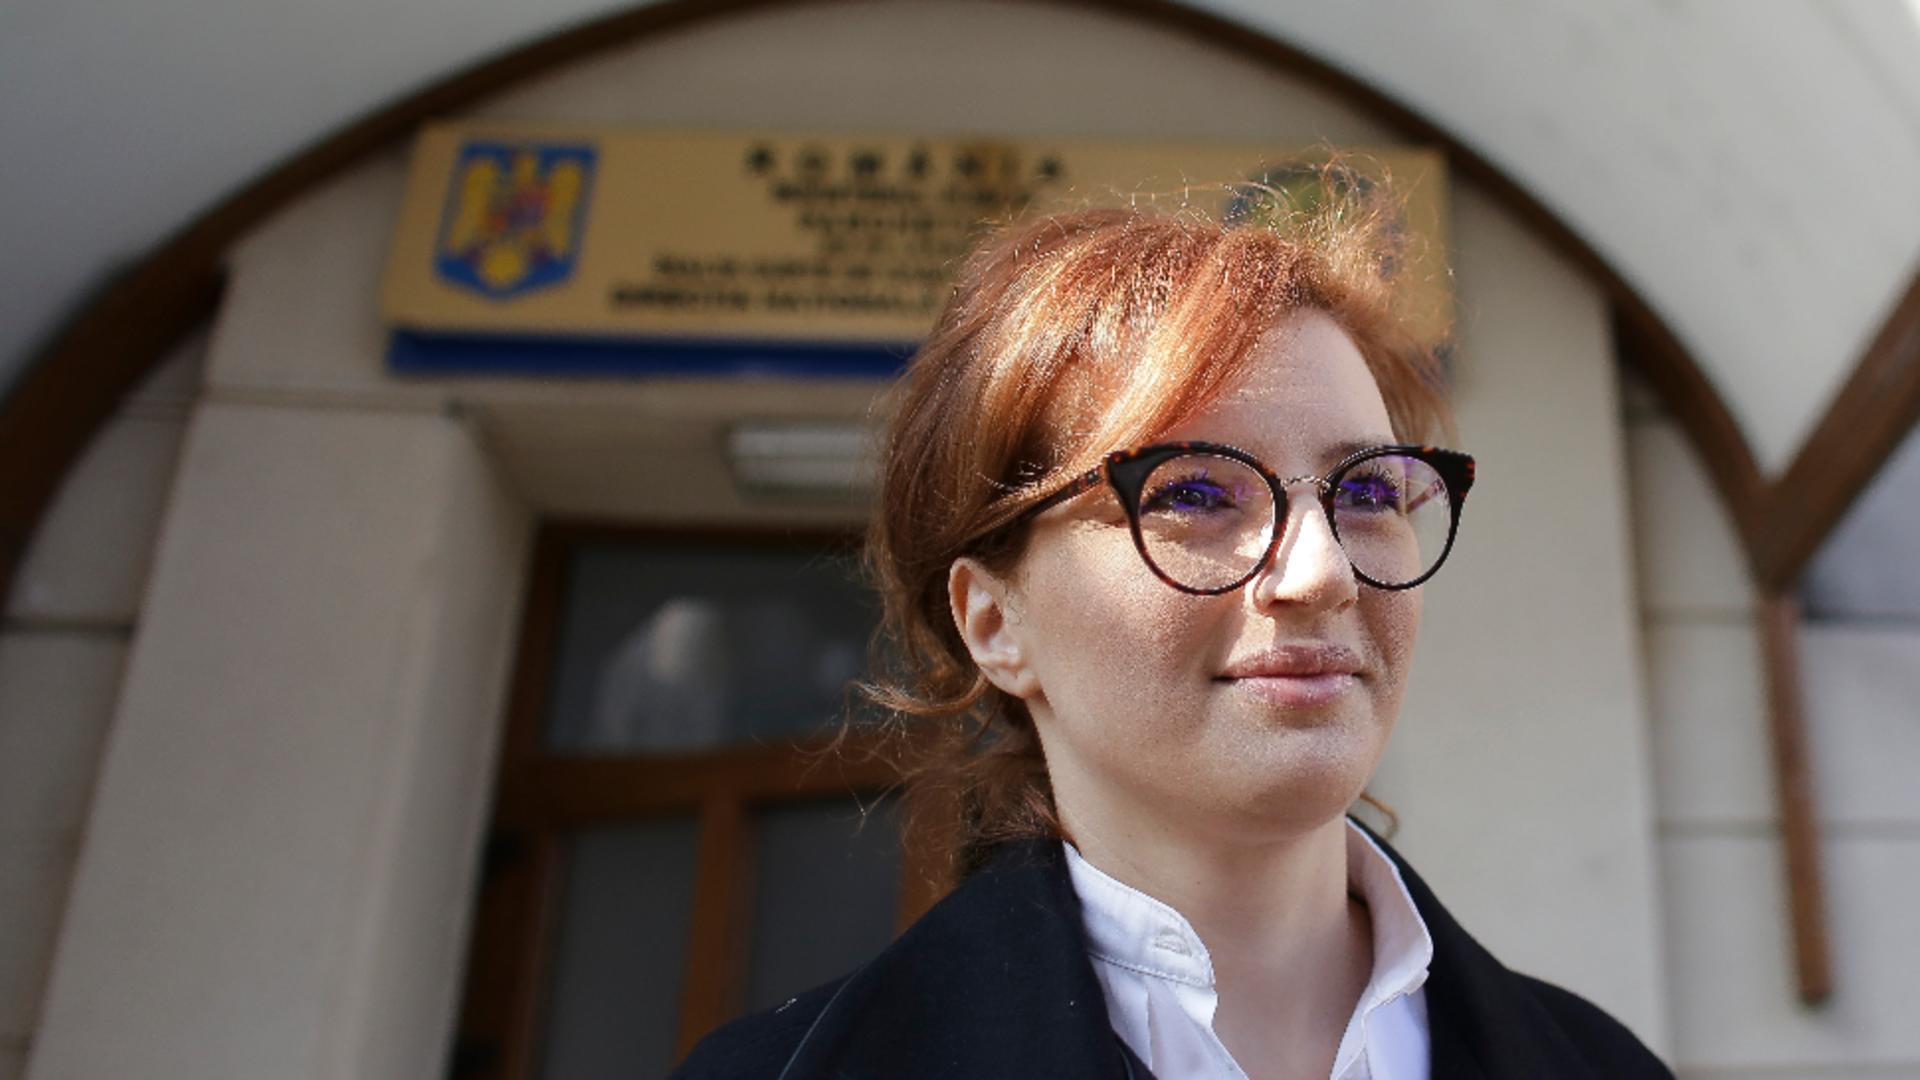 Ioana Băsescu / INQUAM Photos - Octav Ganea